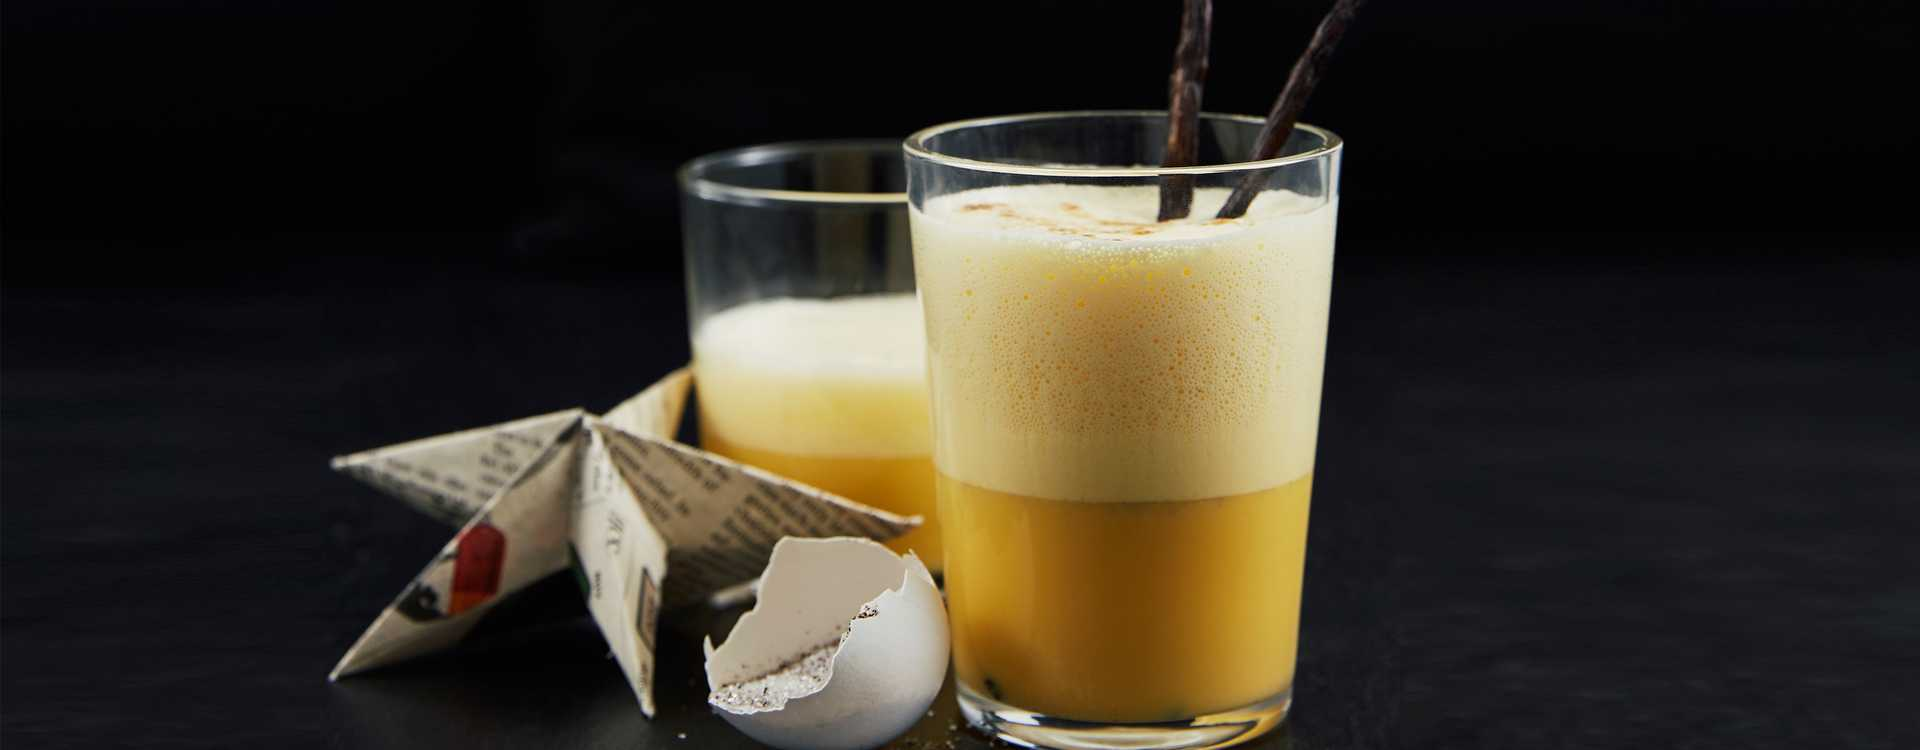 Eggetoddy med vanilje